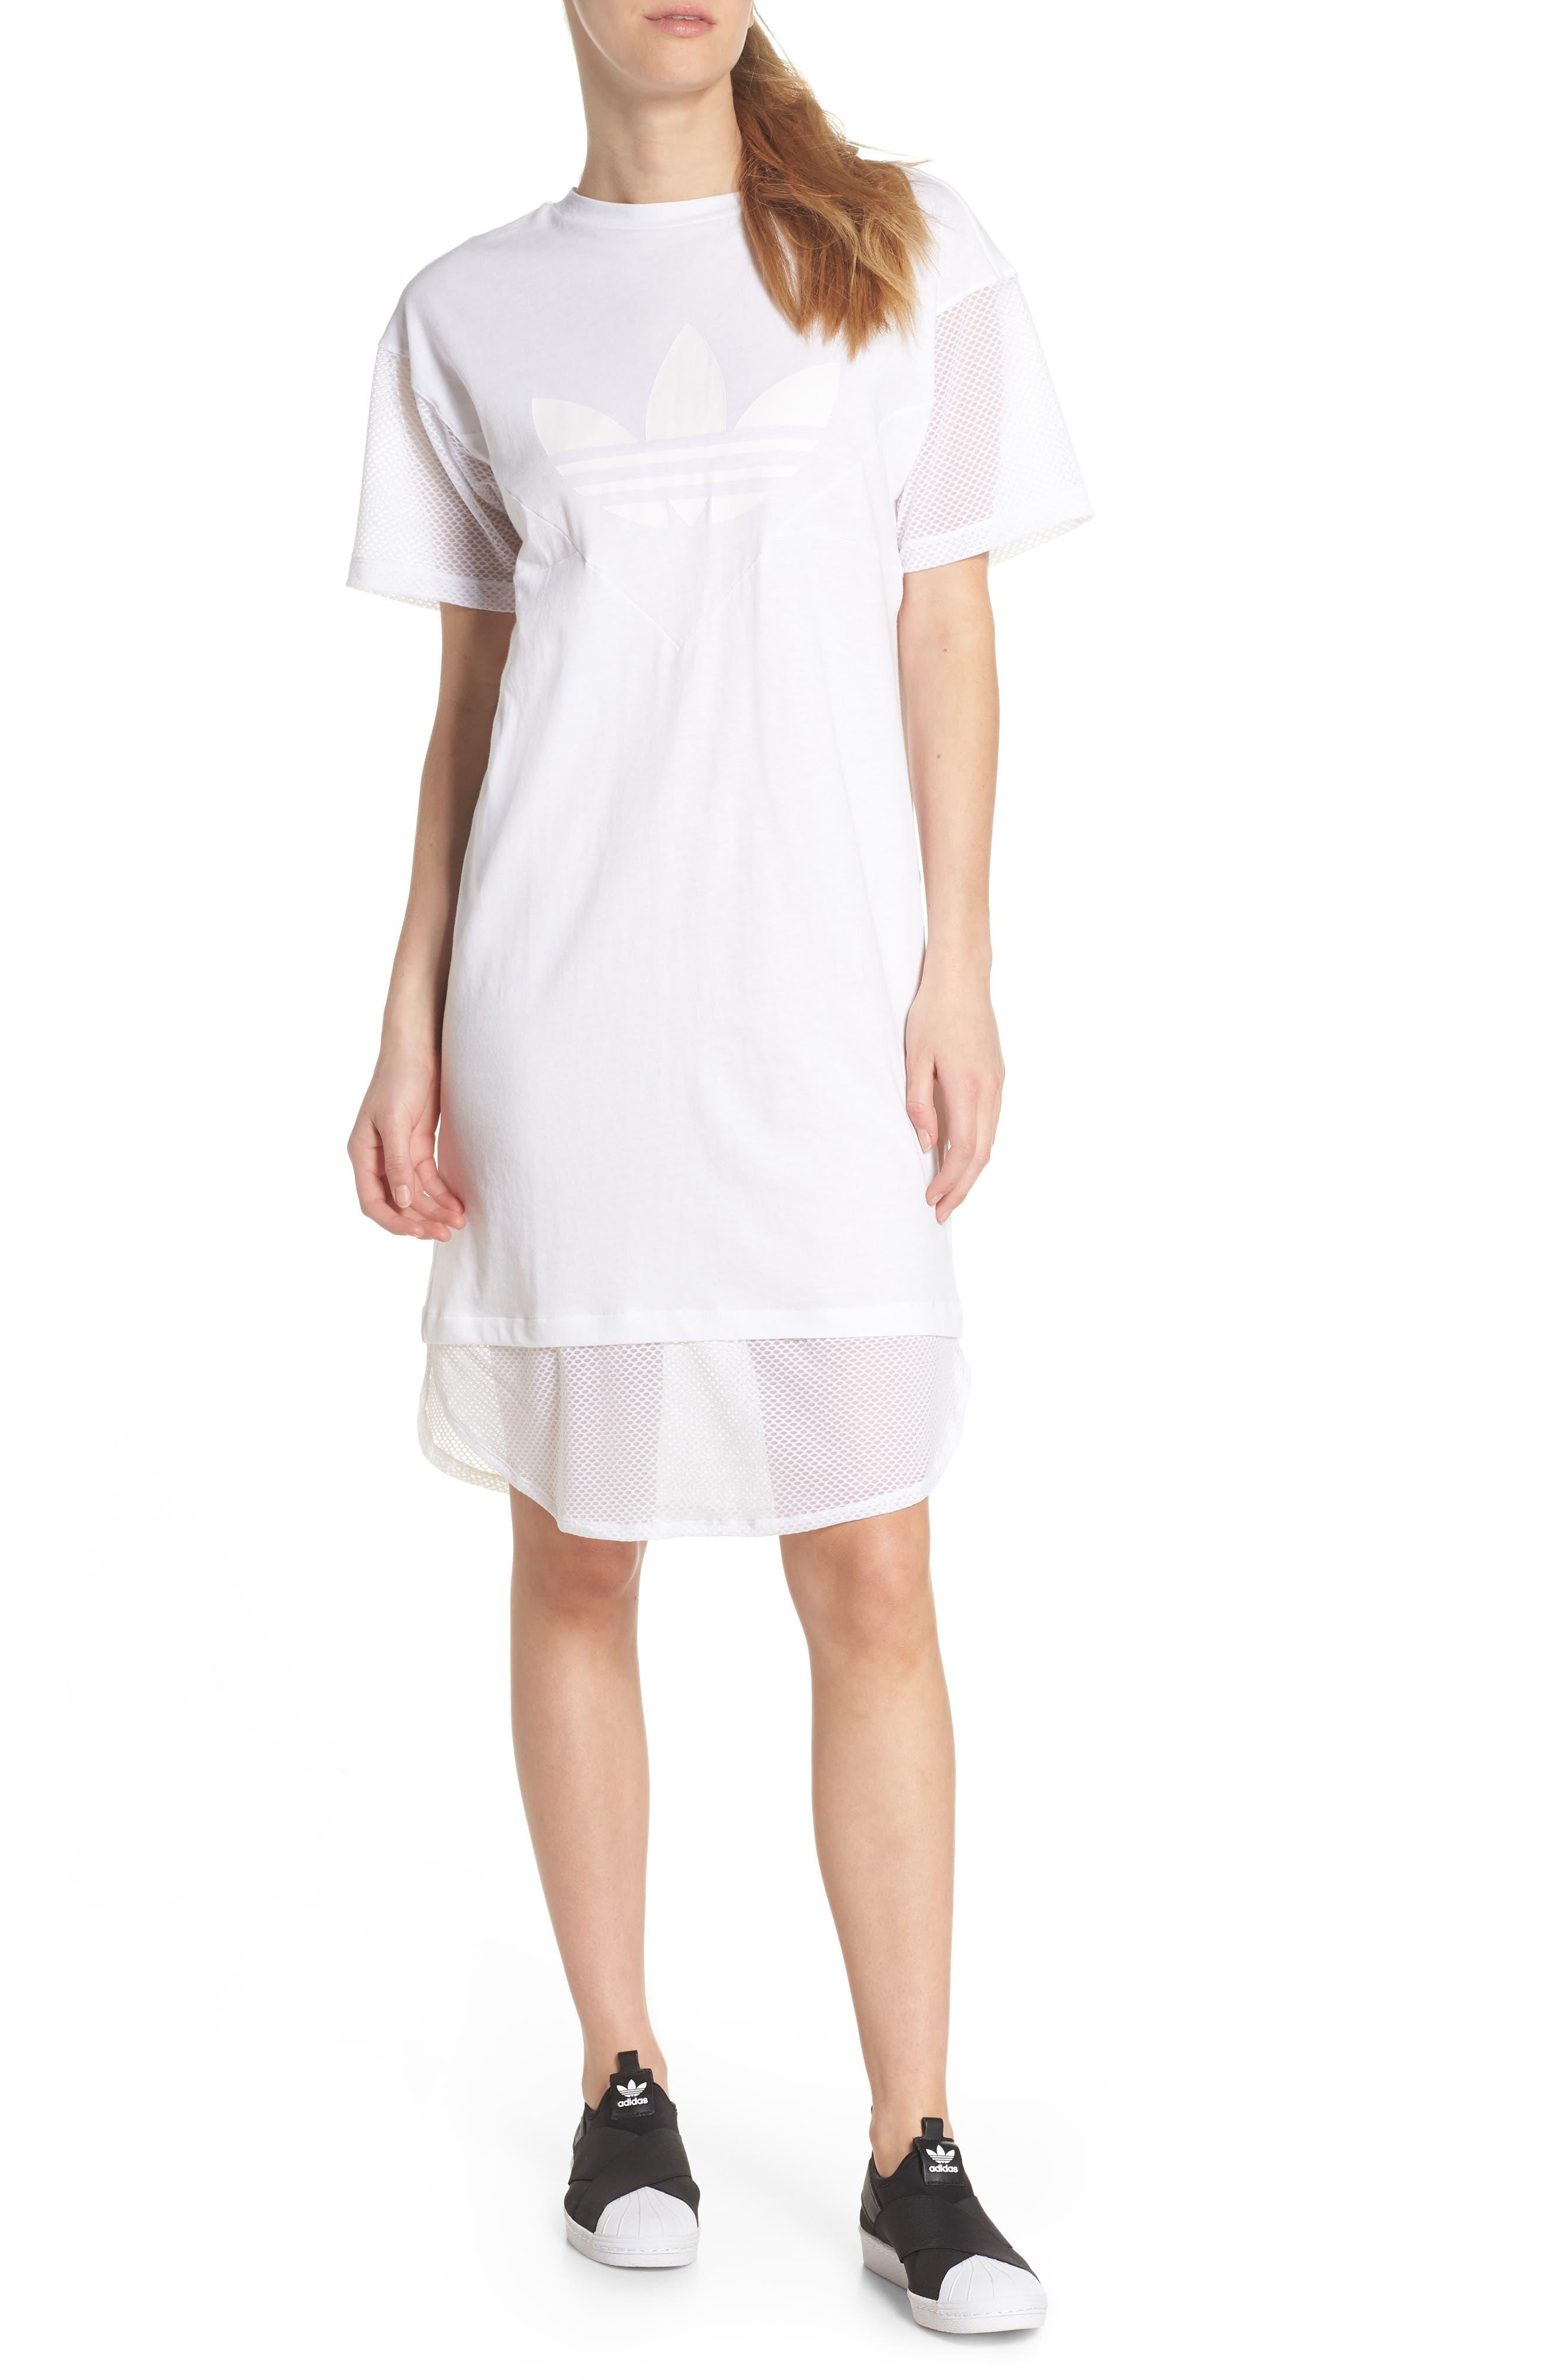 CLRDO T-Shirt Dress,                         Main,                         color, White